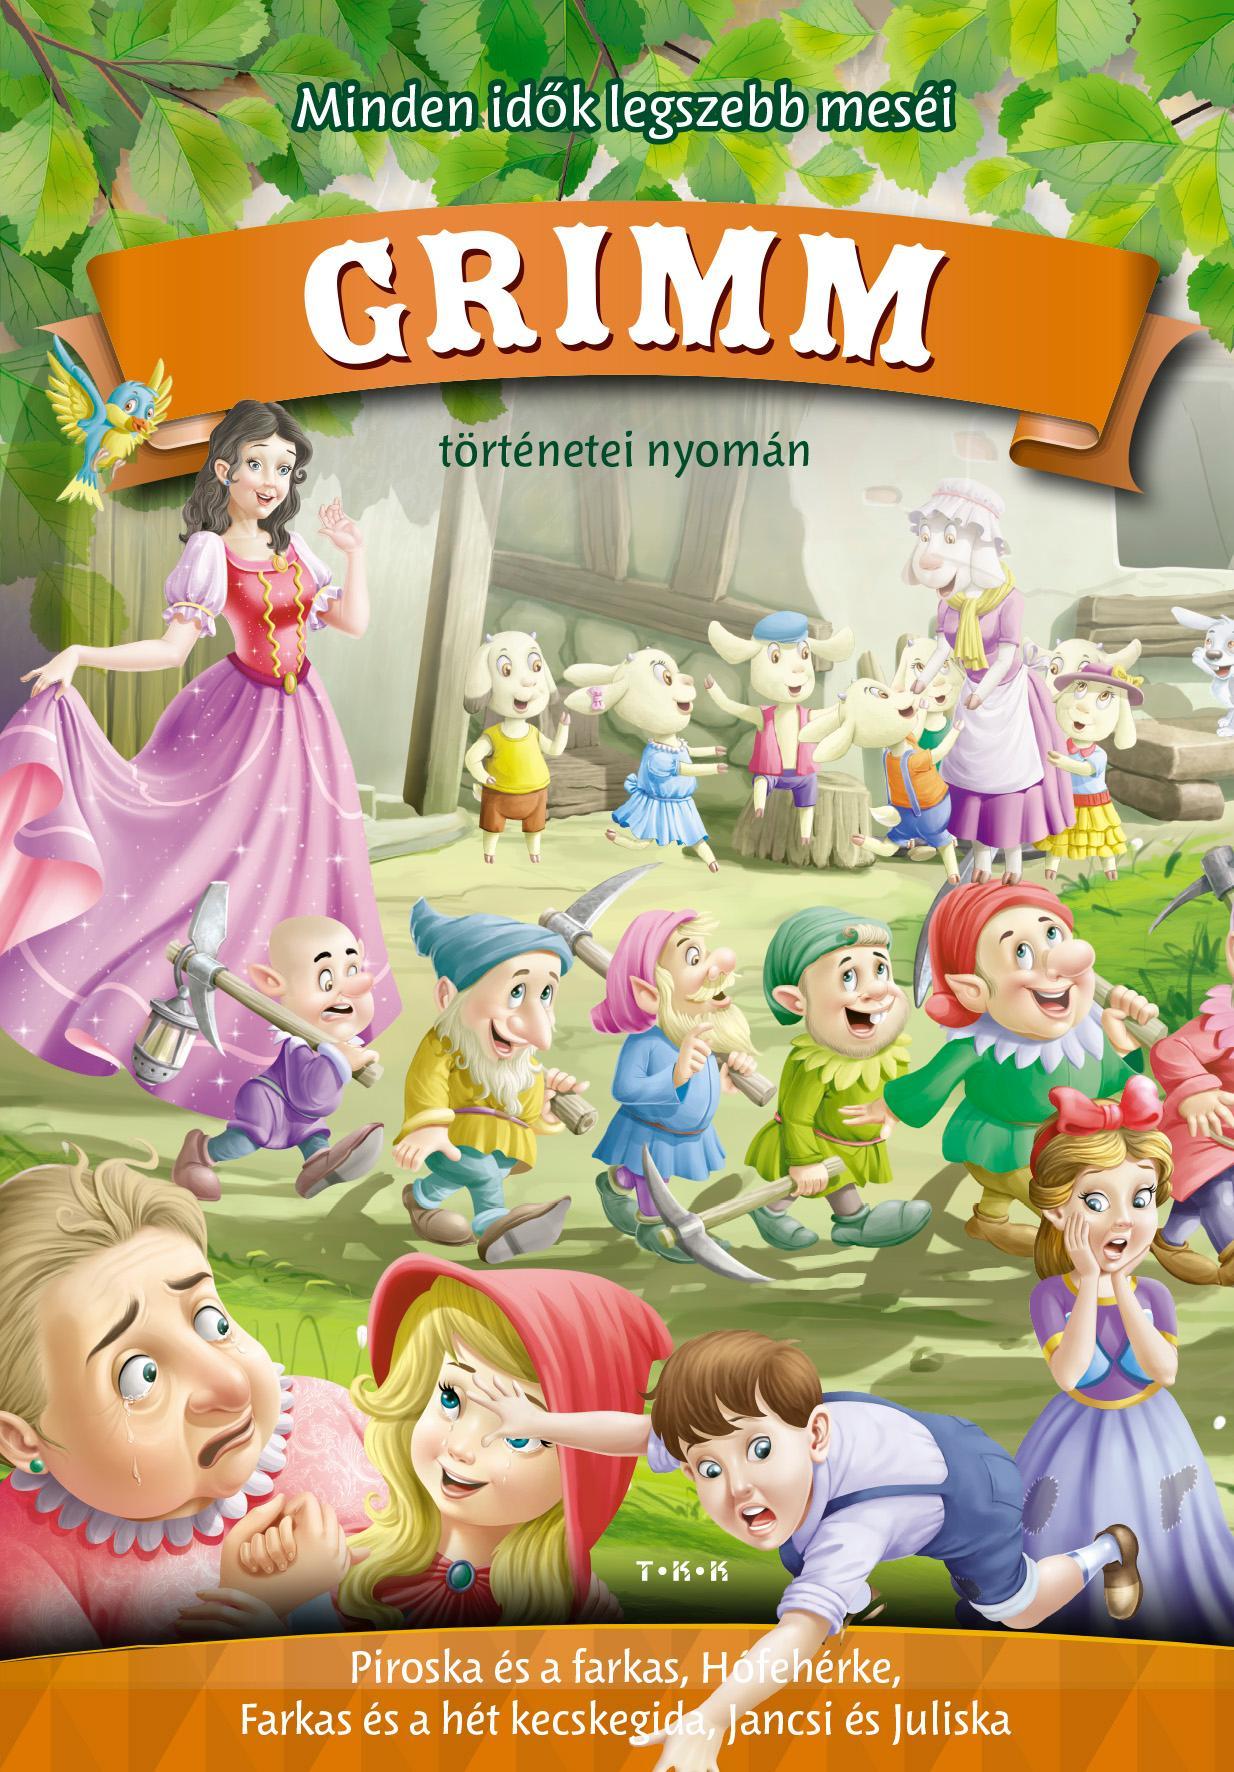 Minden idők legszebb meséi Grimm történetei nyomán - Piroska és a farkas, Hófehérke, Farkas és a hét kecskegida, Jancsi és Juliska